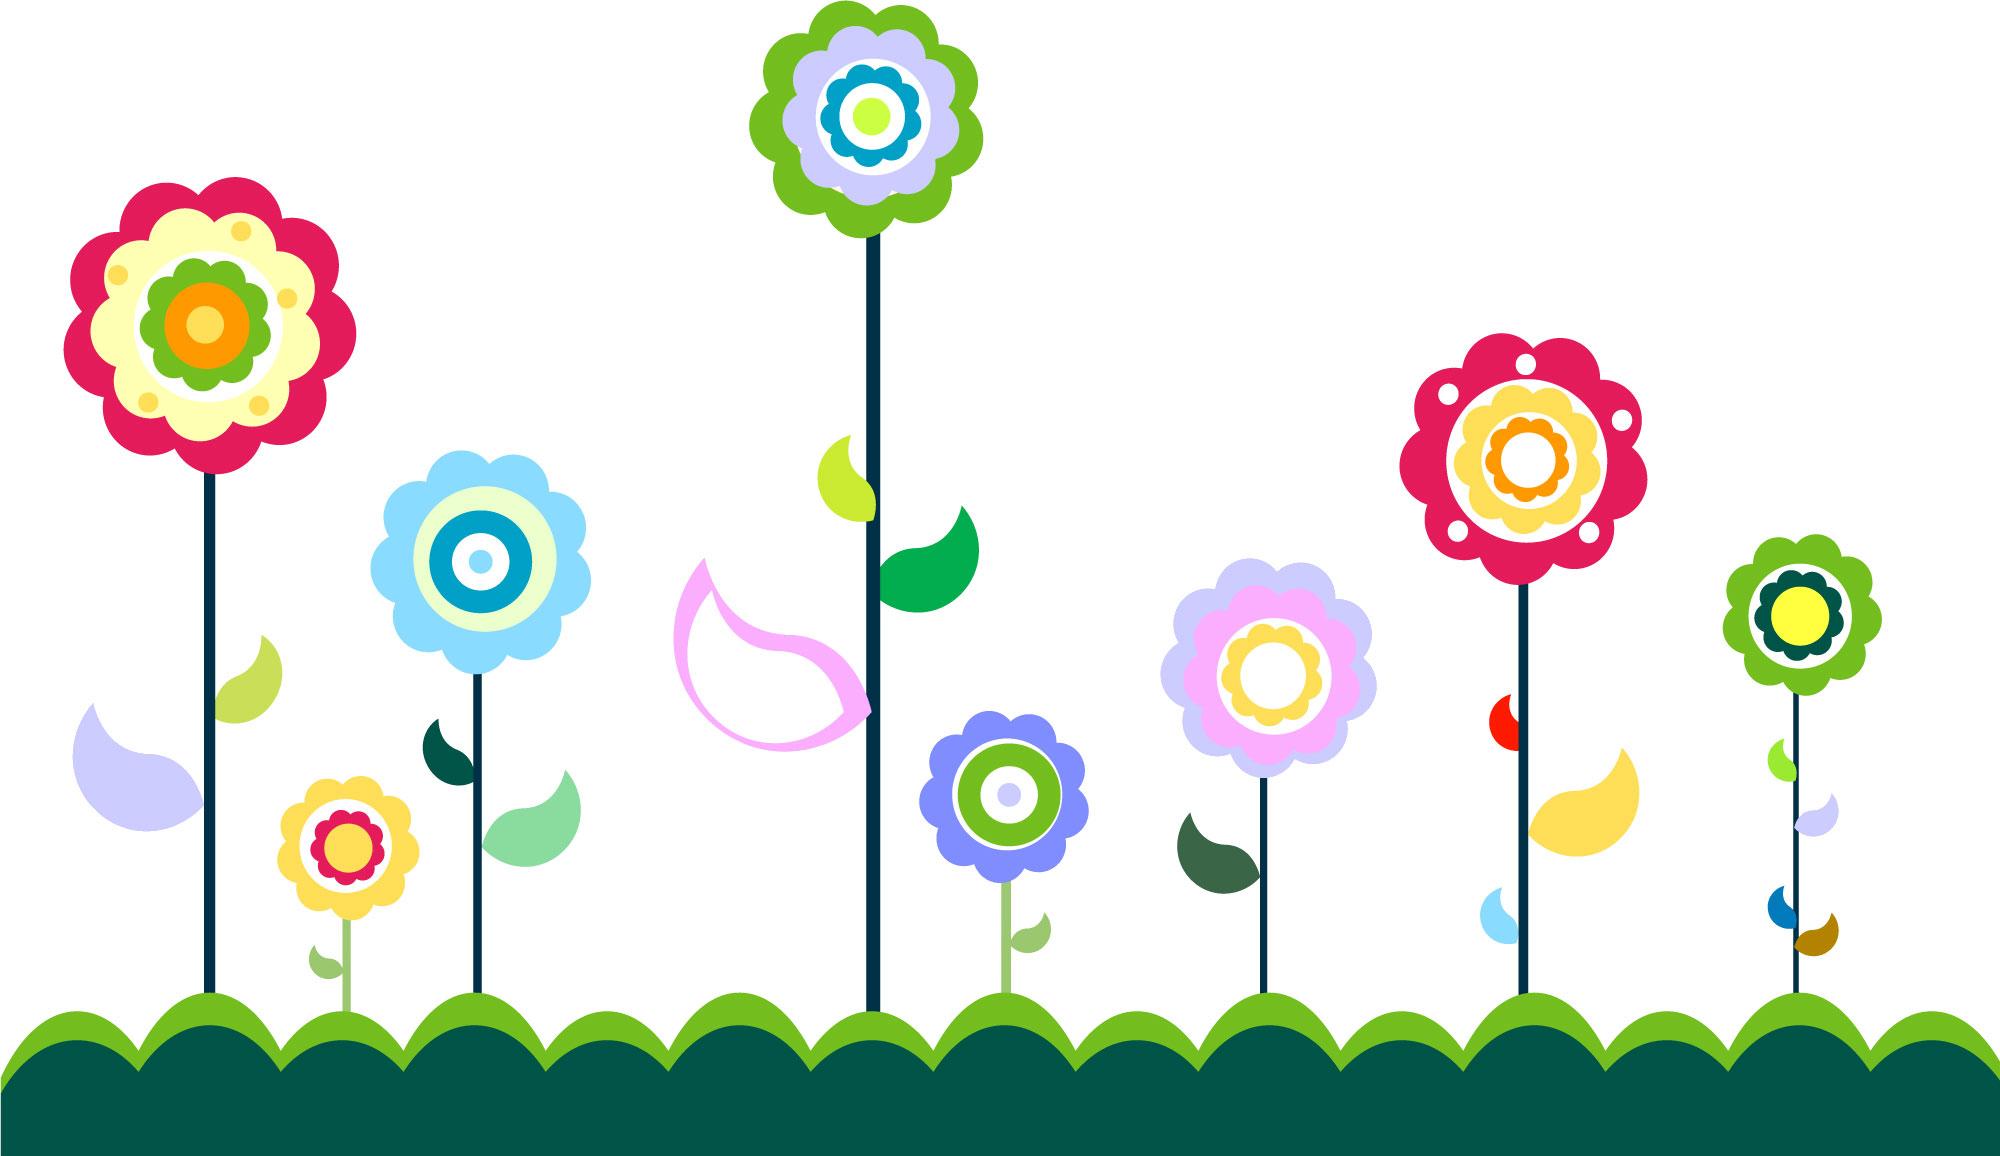 ポップでかわいい花のイラスト・フリー素材/no.053『カラフルフラワー』